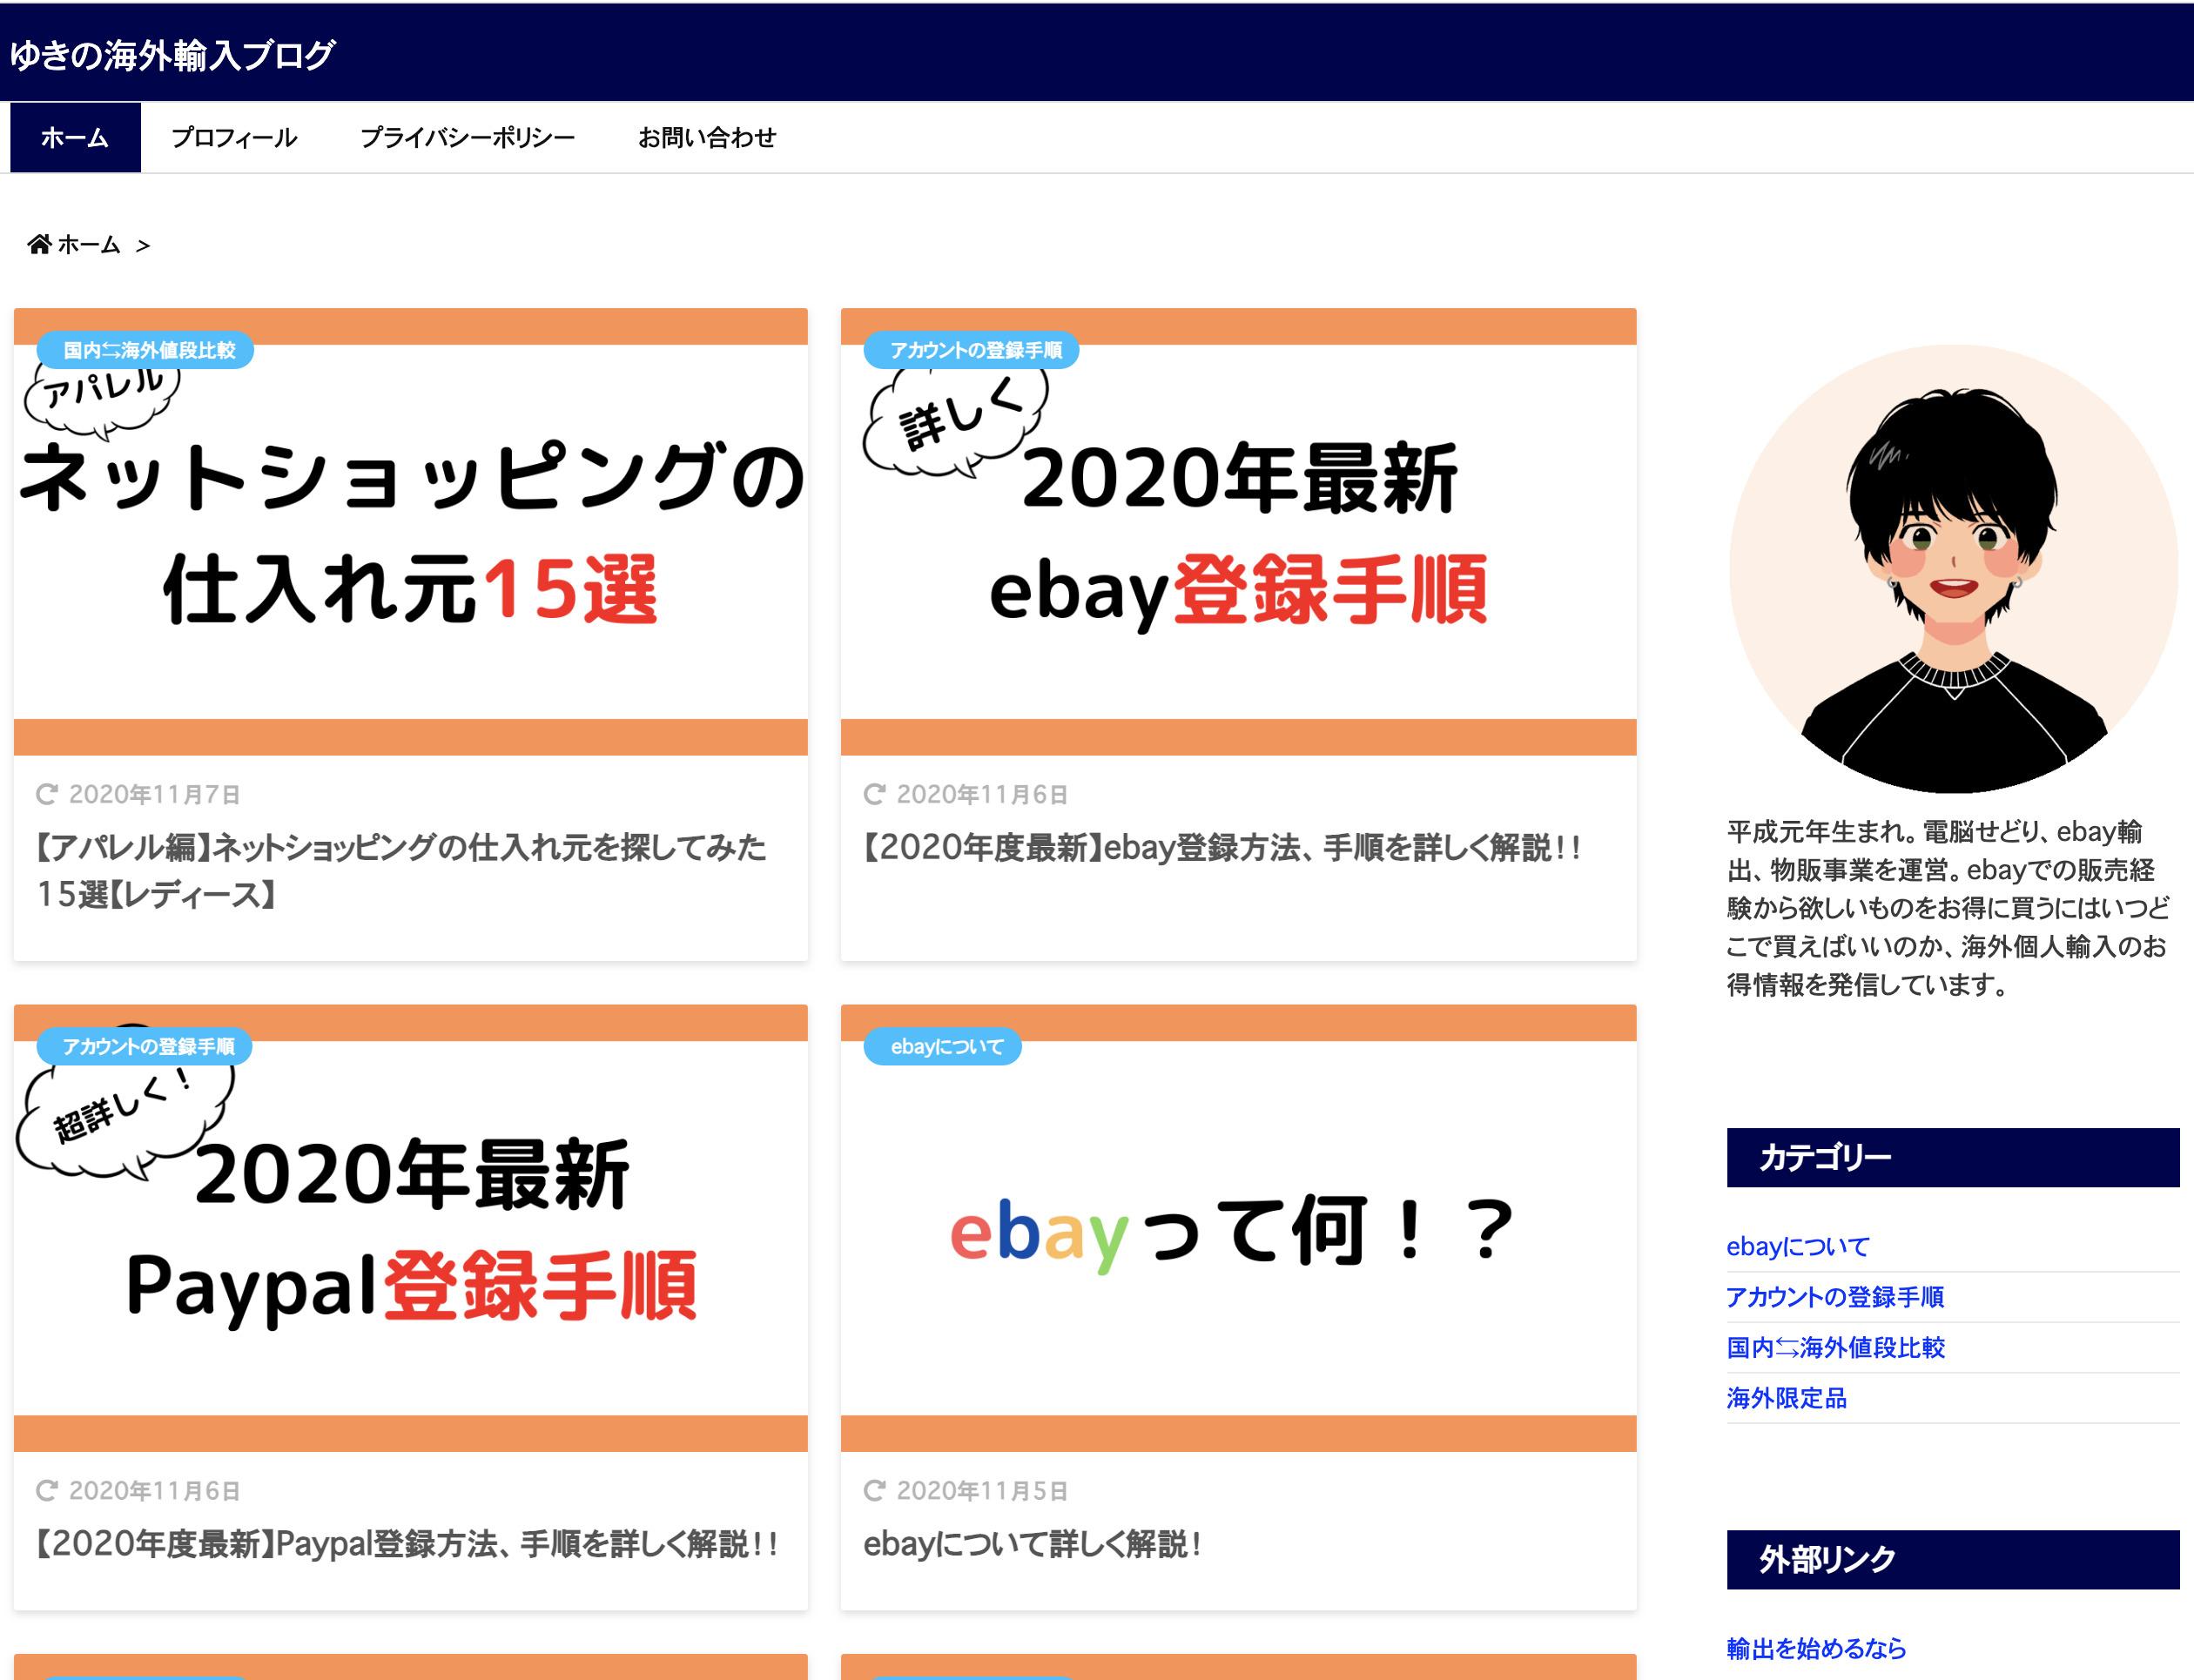 ゆきの海外輸入ブログ